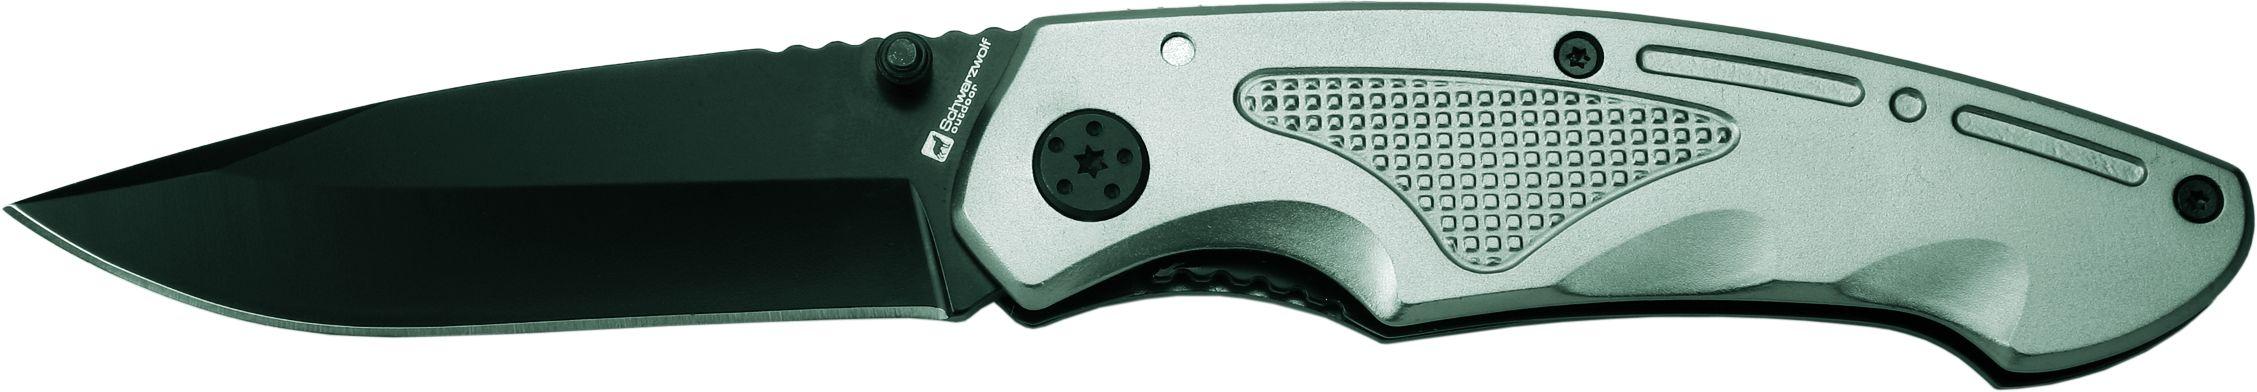 Арт. SW0180 Нож складной SCHWARZWOLF